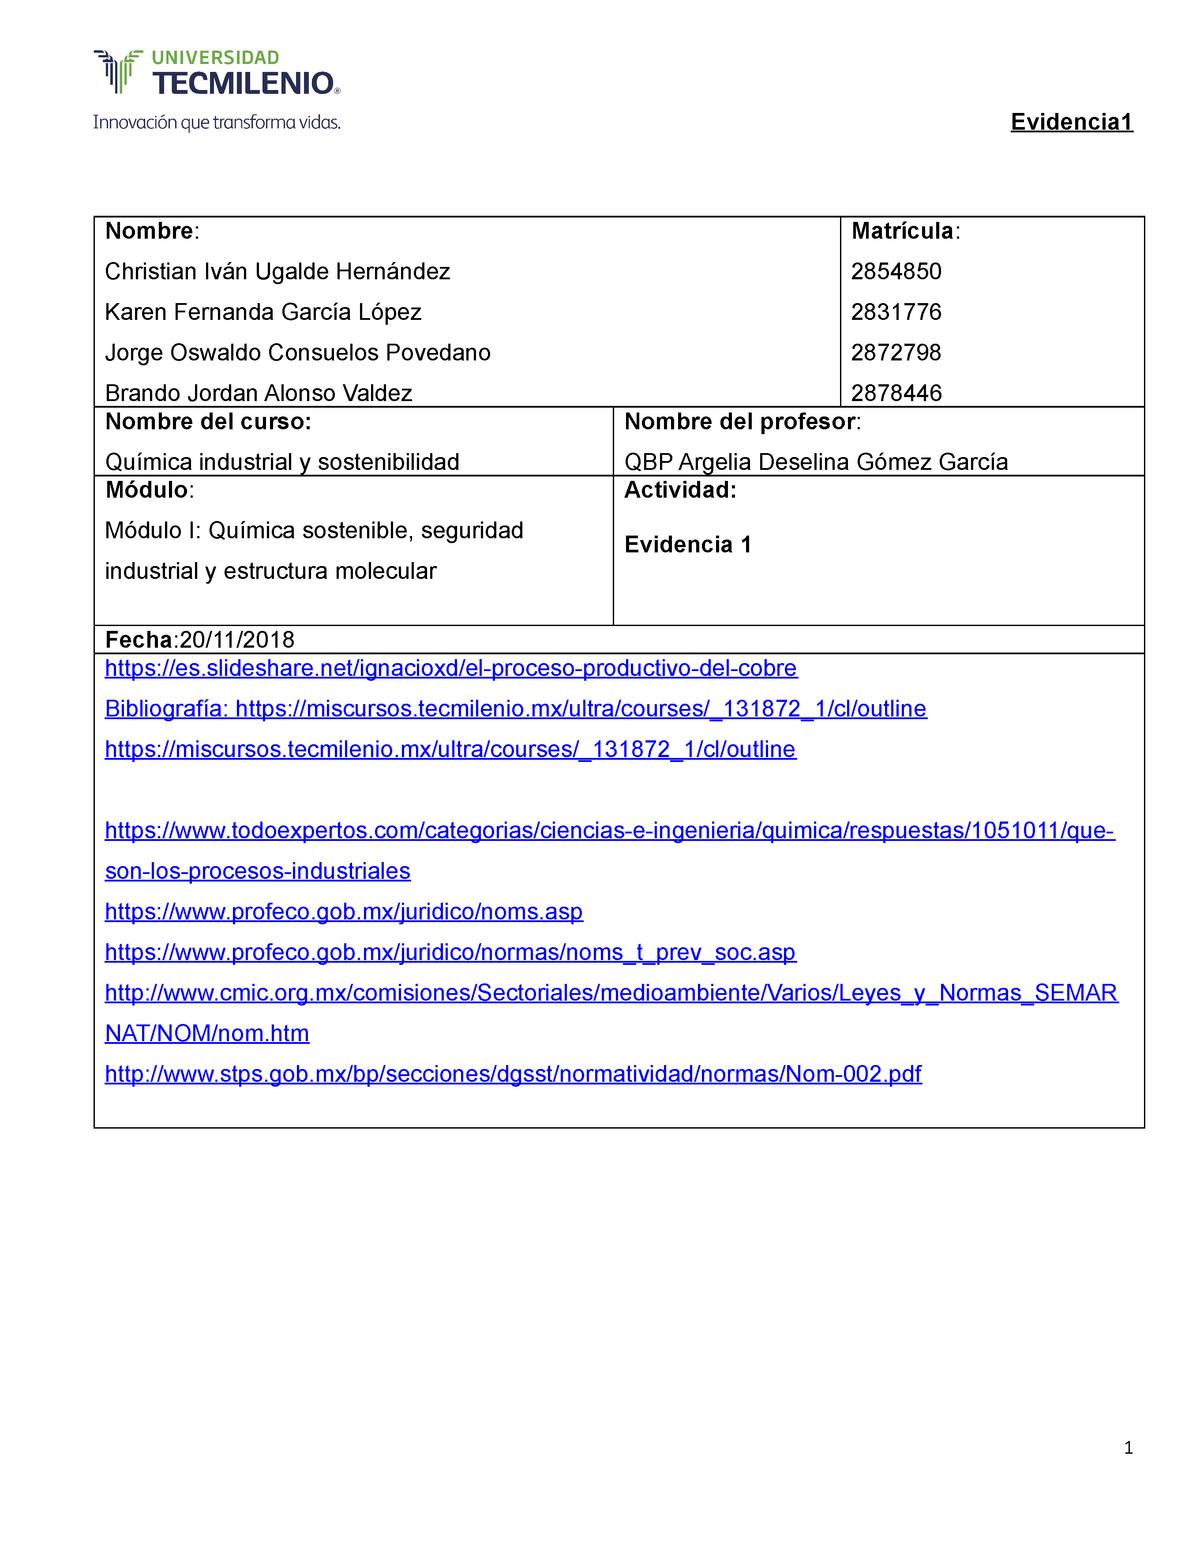 Evidencia 1quimica 1 Química Industrial Y Sostenibilidad